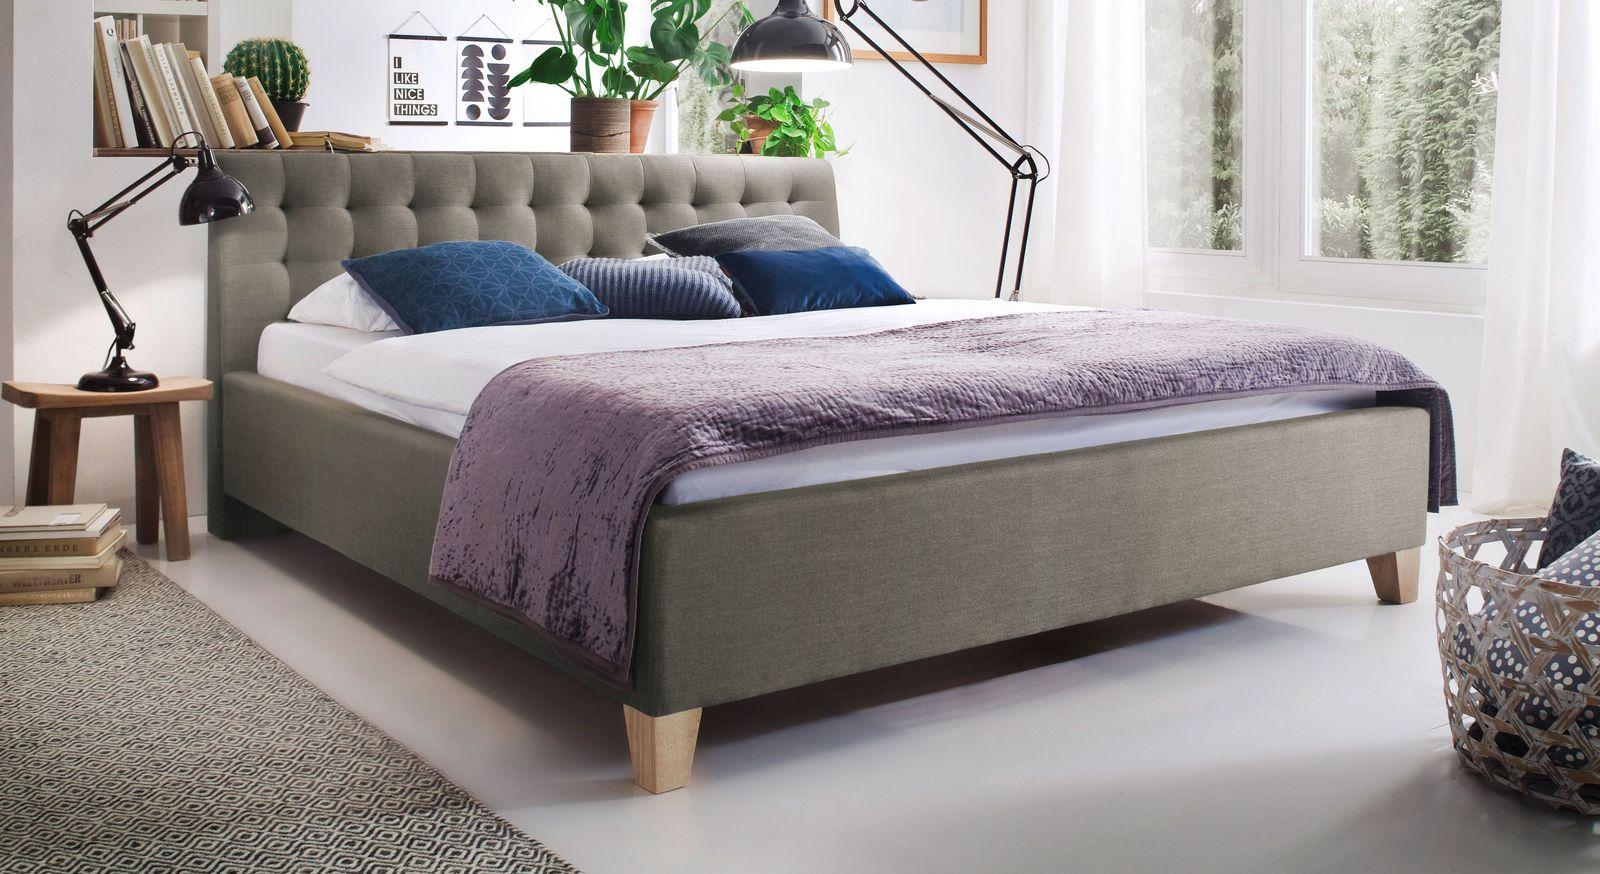 stoffbett 50er jahre retrolook mit eichefarbigen f en batana. Black Bedroom Furniture Sets. Home Design Ideas